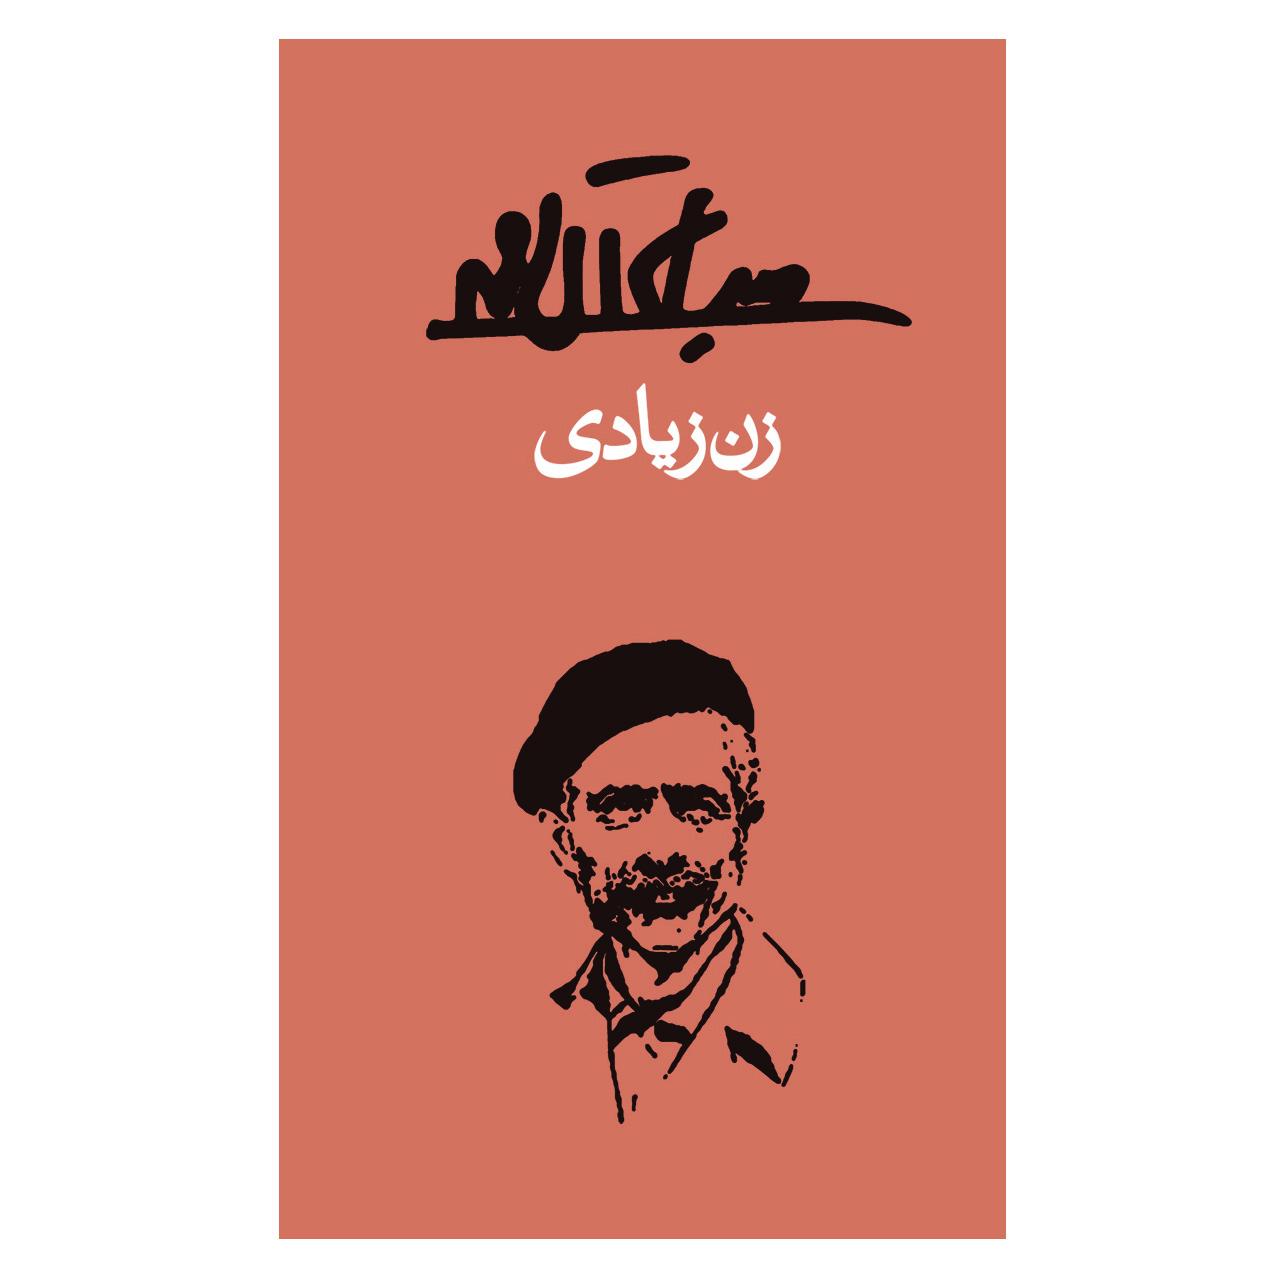 خرید                      کتاب زن زیادی اثر جلال آل احمد انتشارات کافل